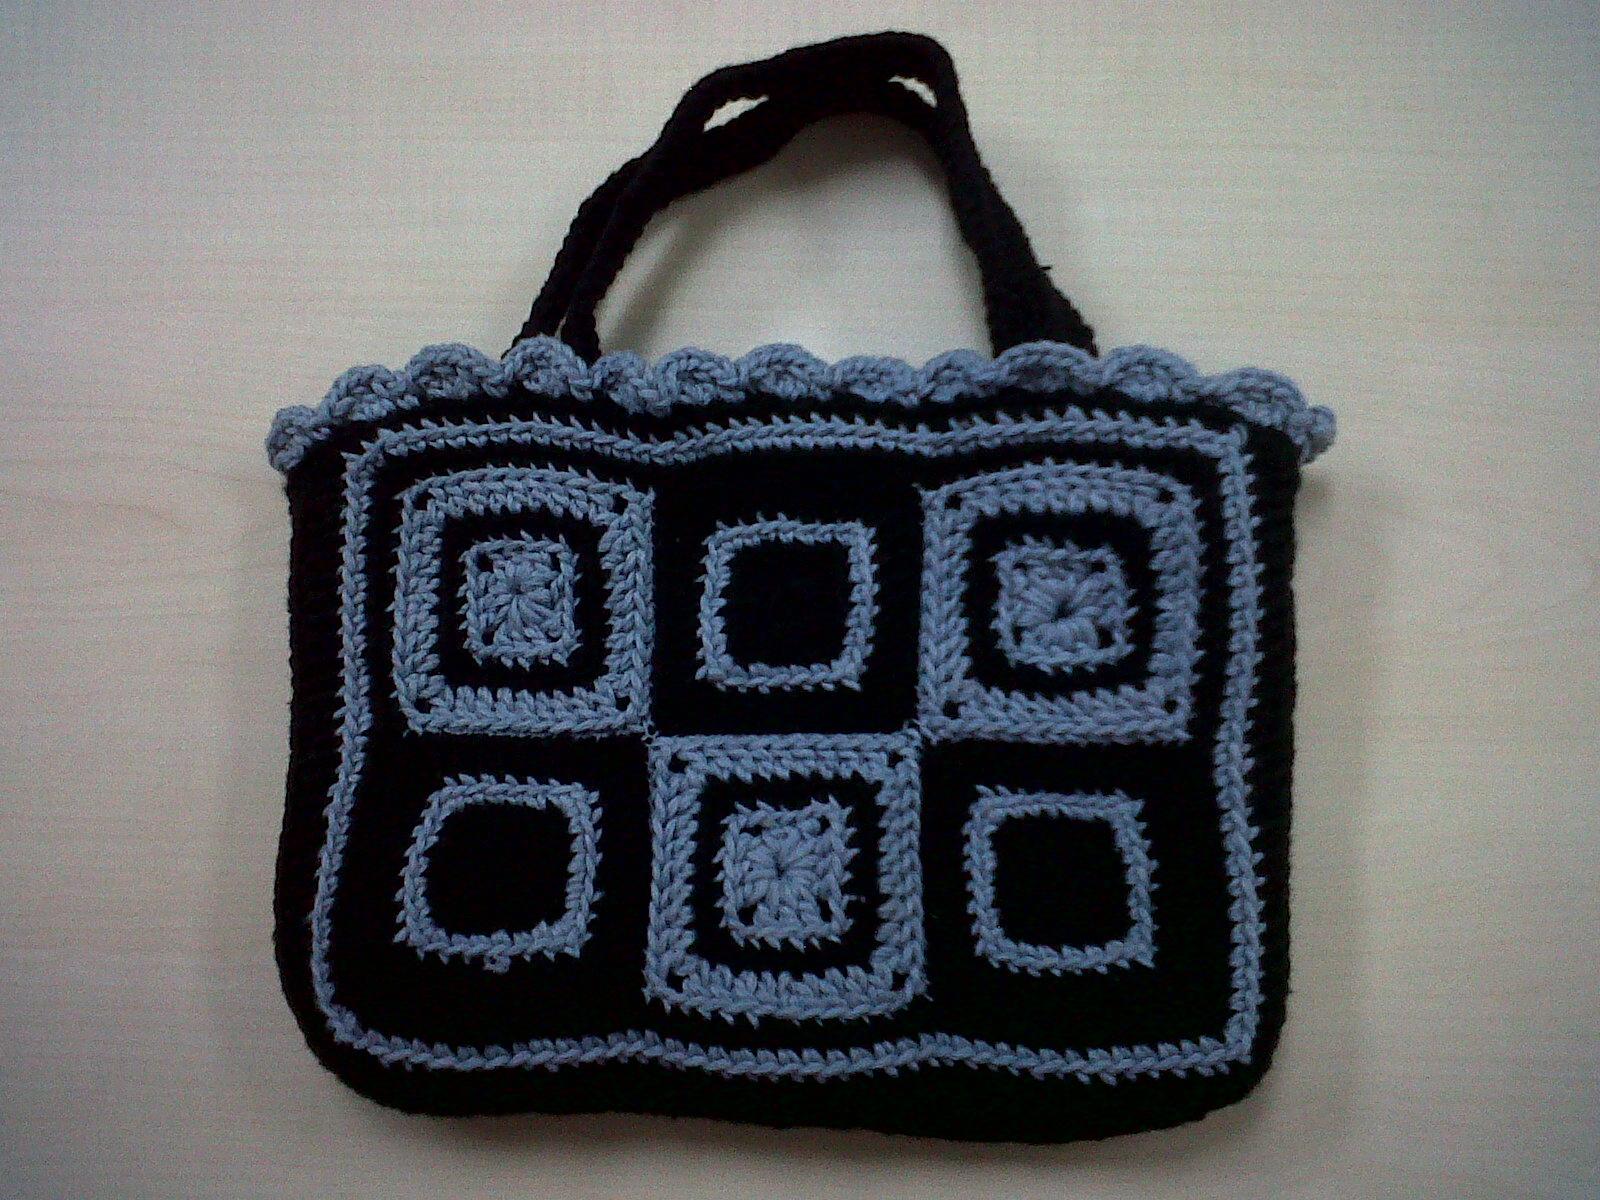 bosan dengan tas kulit mungkin tas rajutan handmade ini bisa menjadi